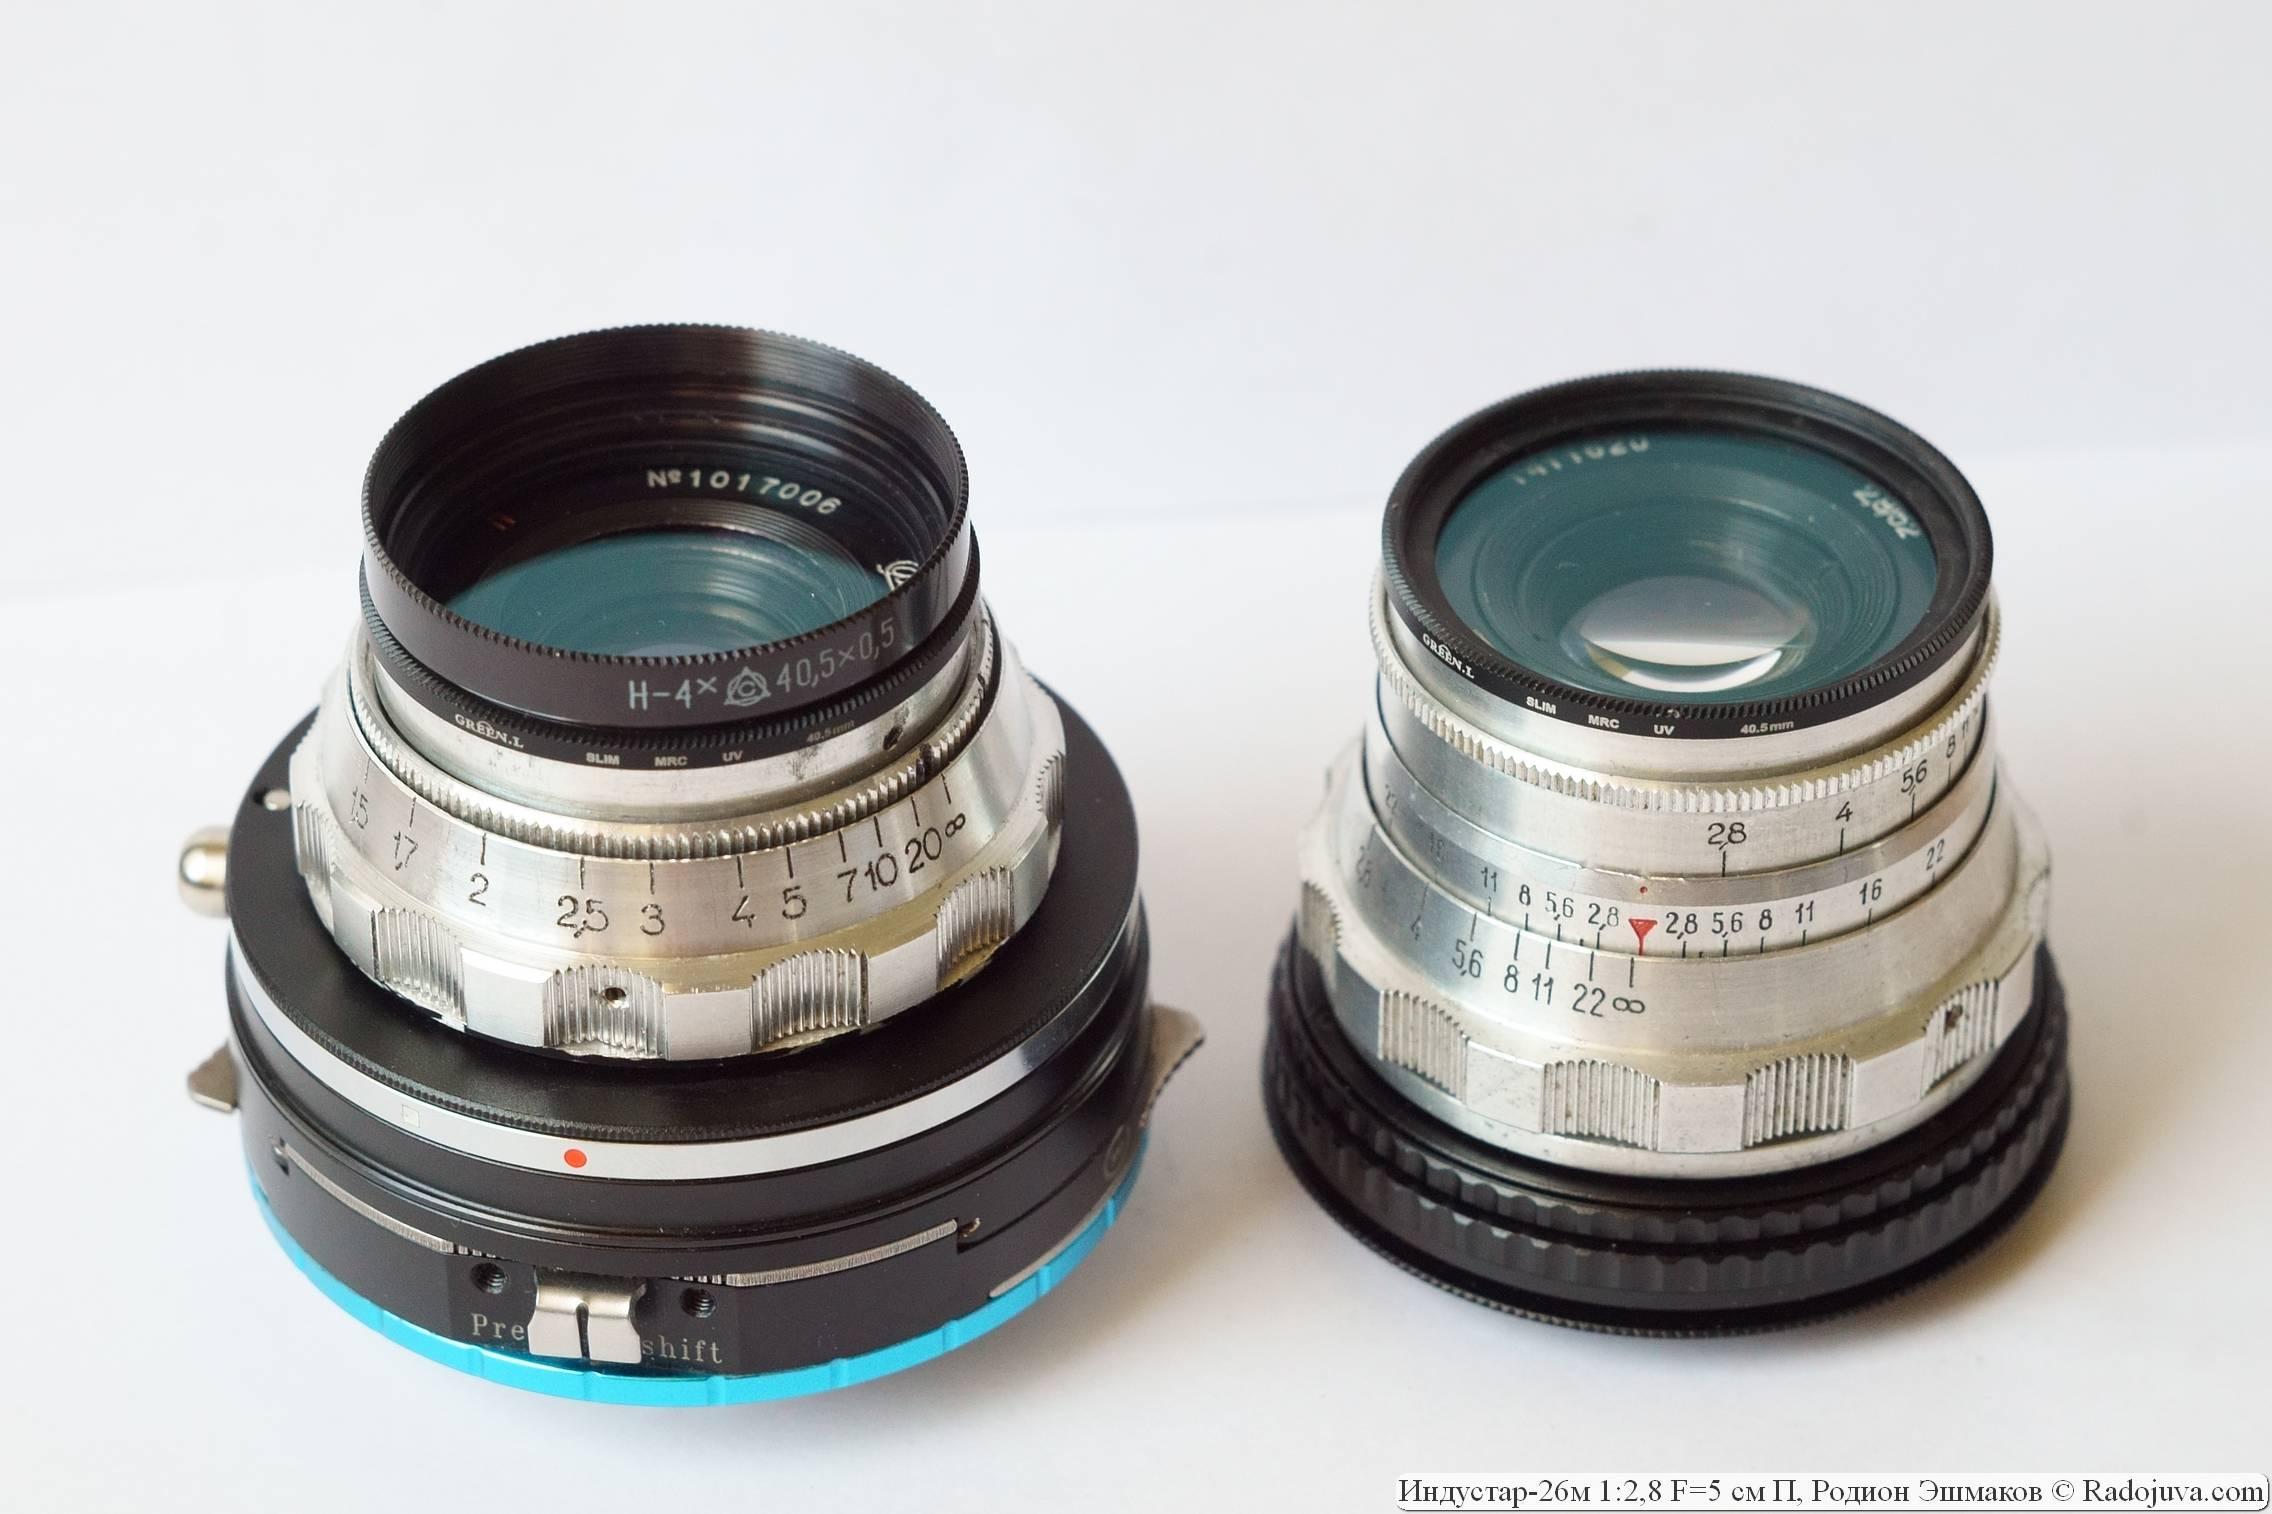 Индустар-26м, адаптированный для зеркальных камер (слева), с адаптером Fotodiox Shift EOS-NEX и Индустар-26м с уменьшенной МДФ с макрогеликоидом М39-NEX (справа).